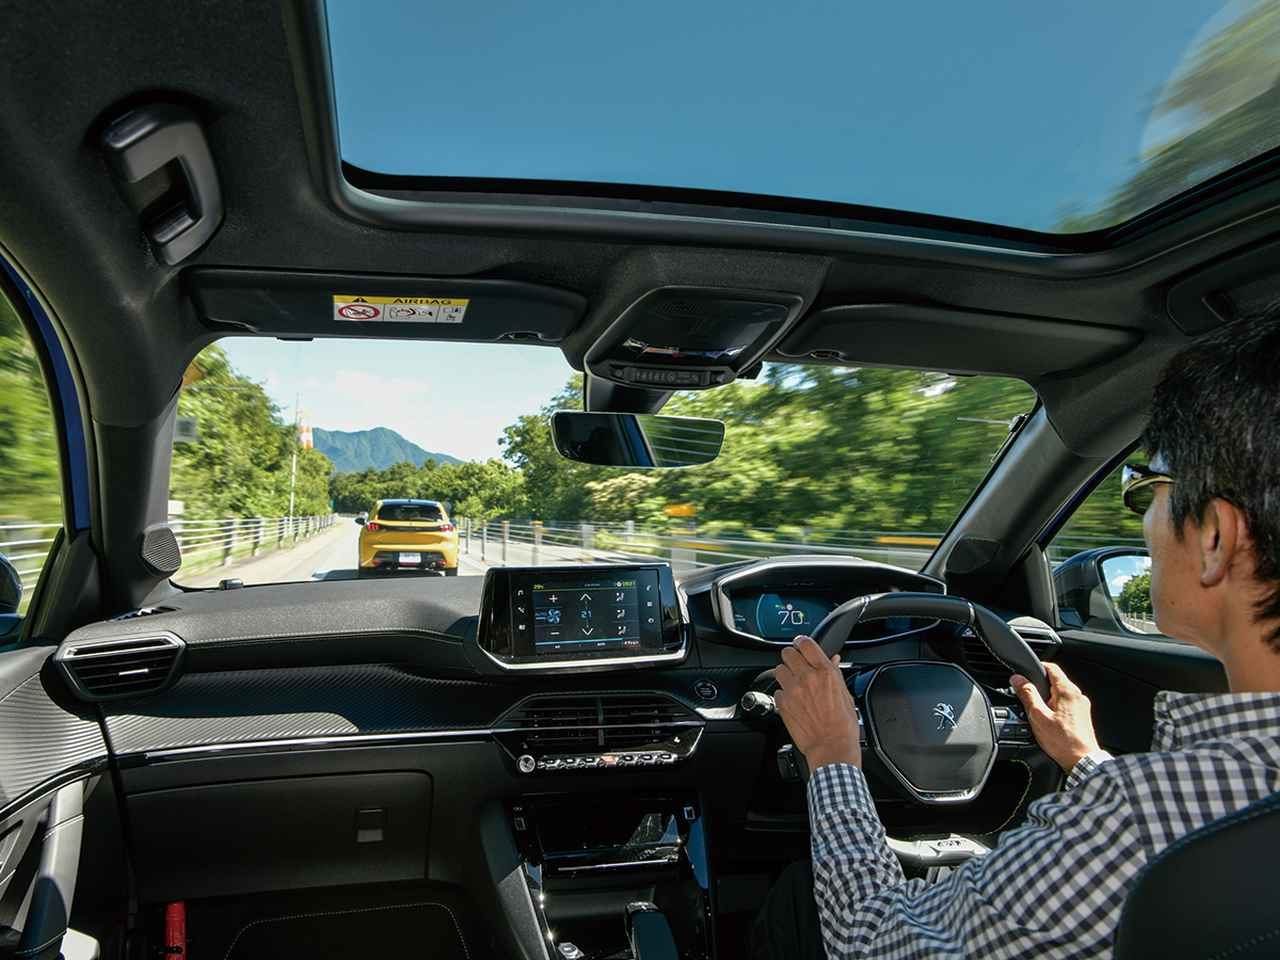 画像: e-208GT。高速道路では広い視界のおかげで常にリラックスした気分が楽しめた。